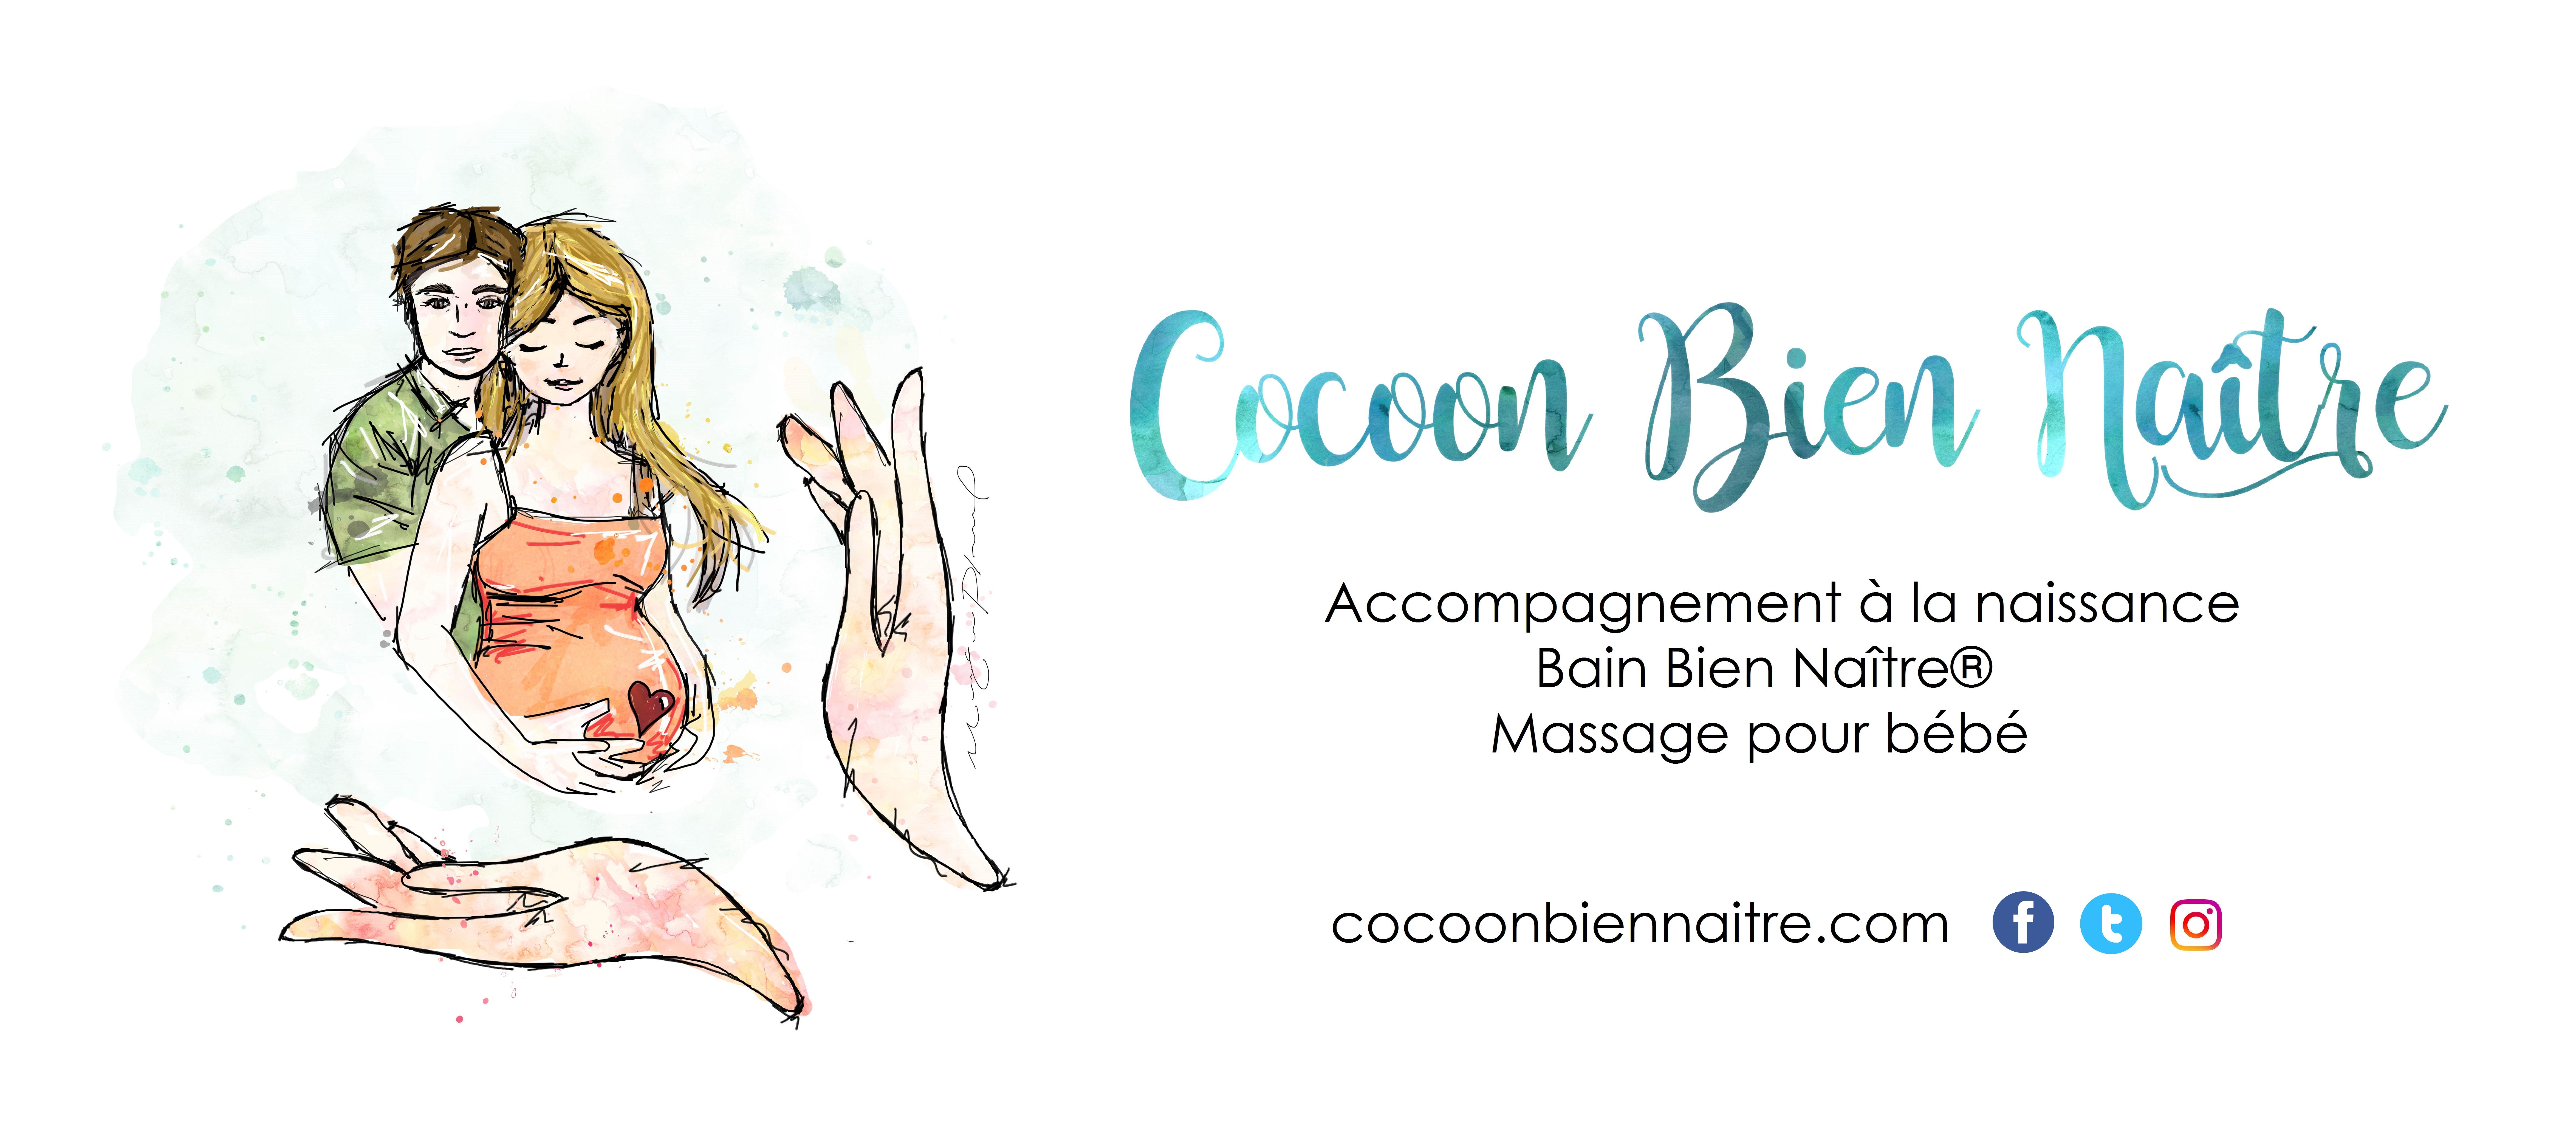 Cocoon Bien Naître | accompagnante | cours prénataux | Bain bébé